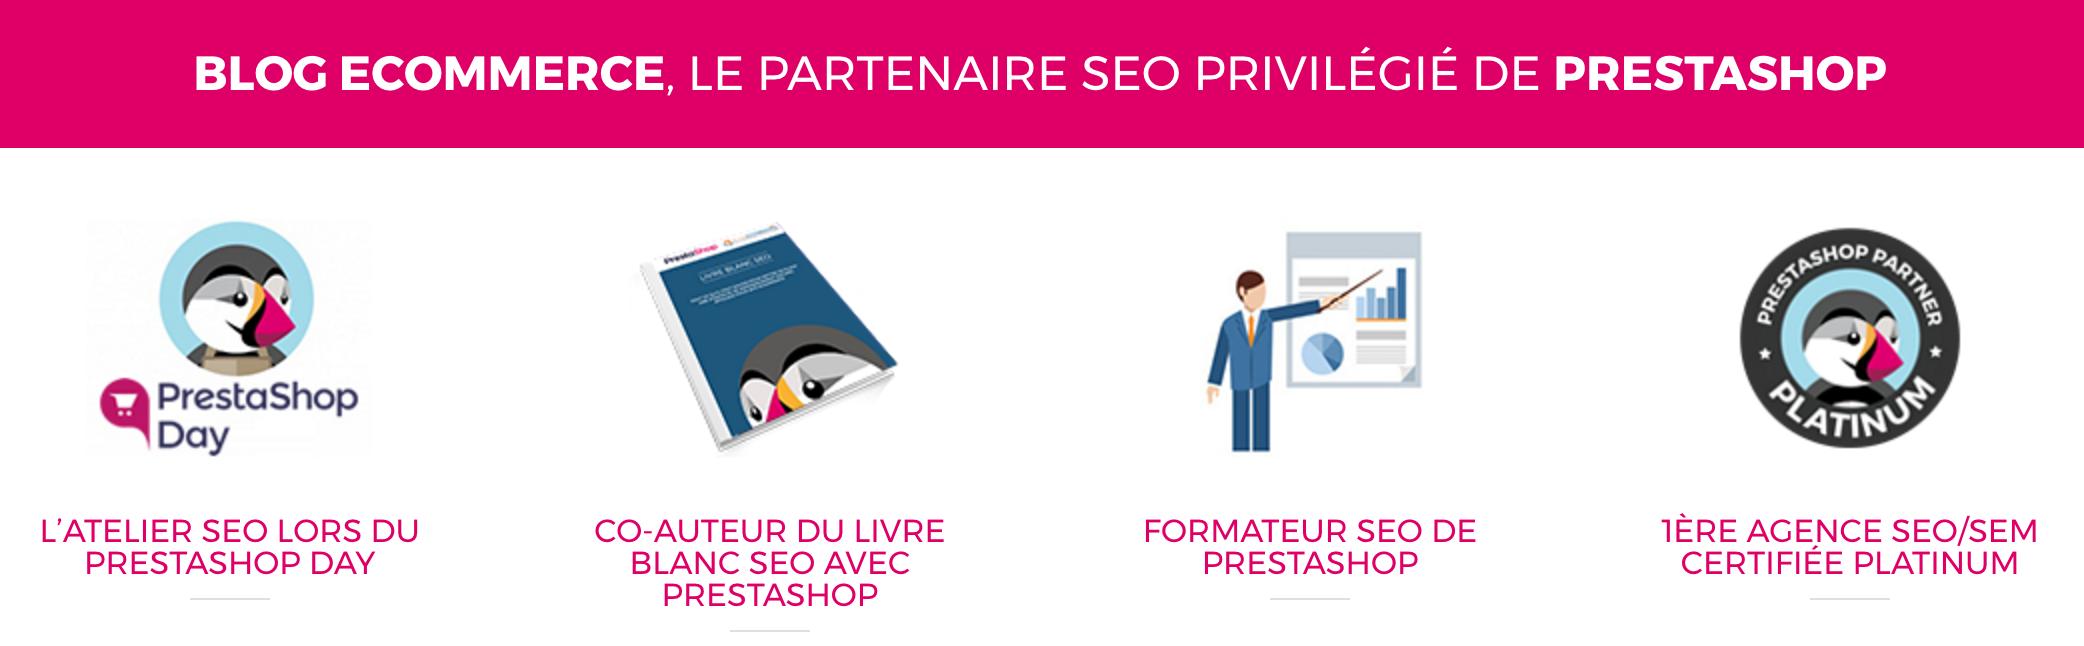 blog-ecommerce-partenaire-platinum-prestashop